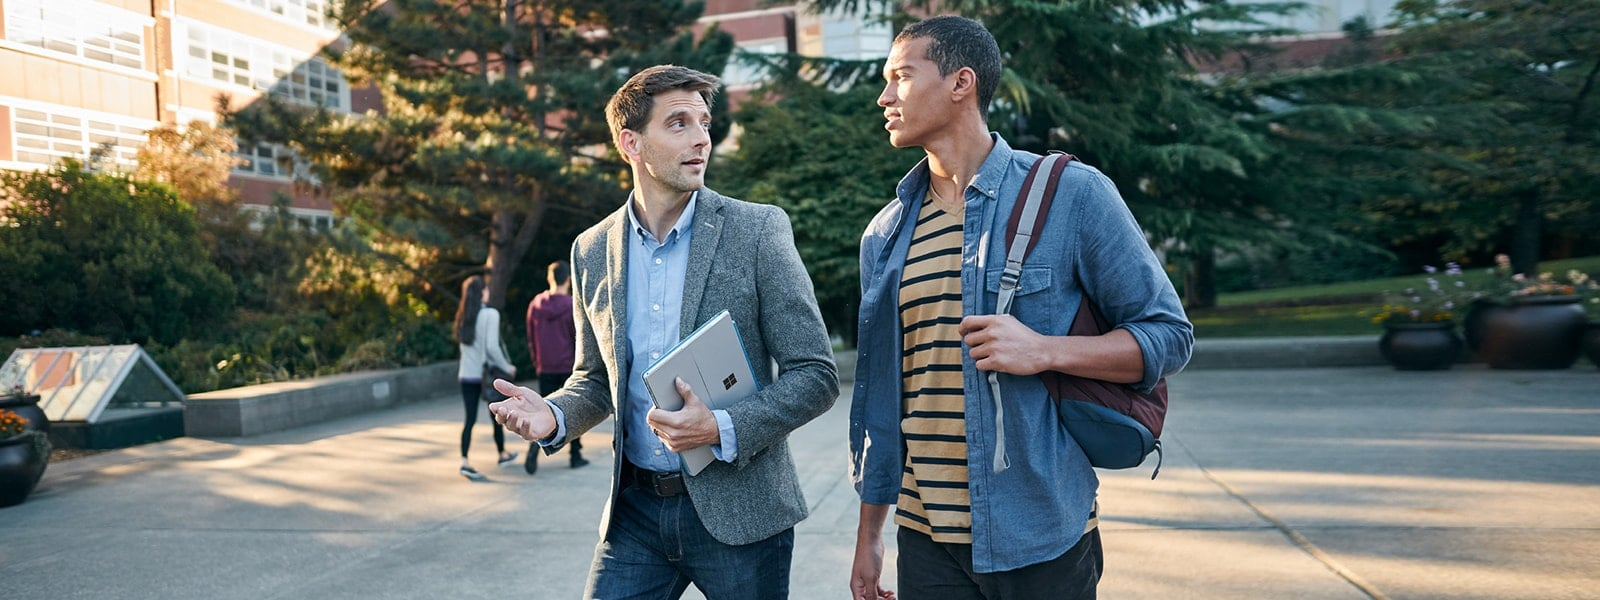 帶著 Microsoft 裝置的老師與學生